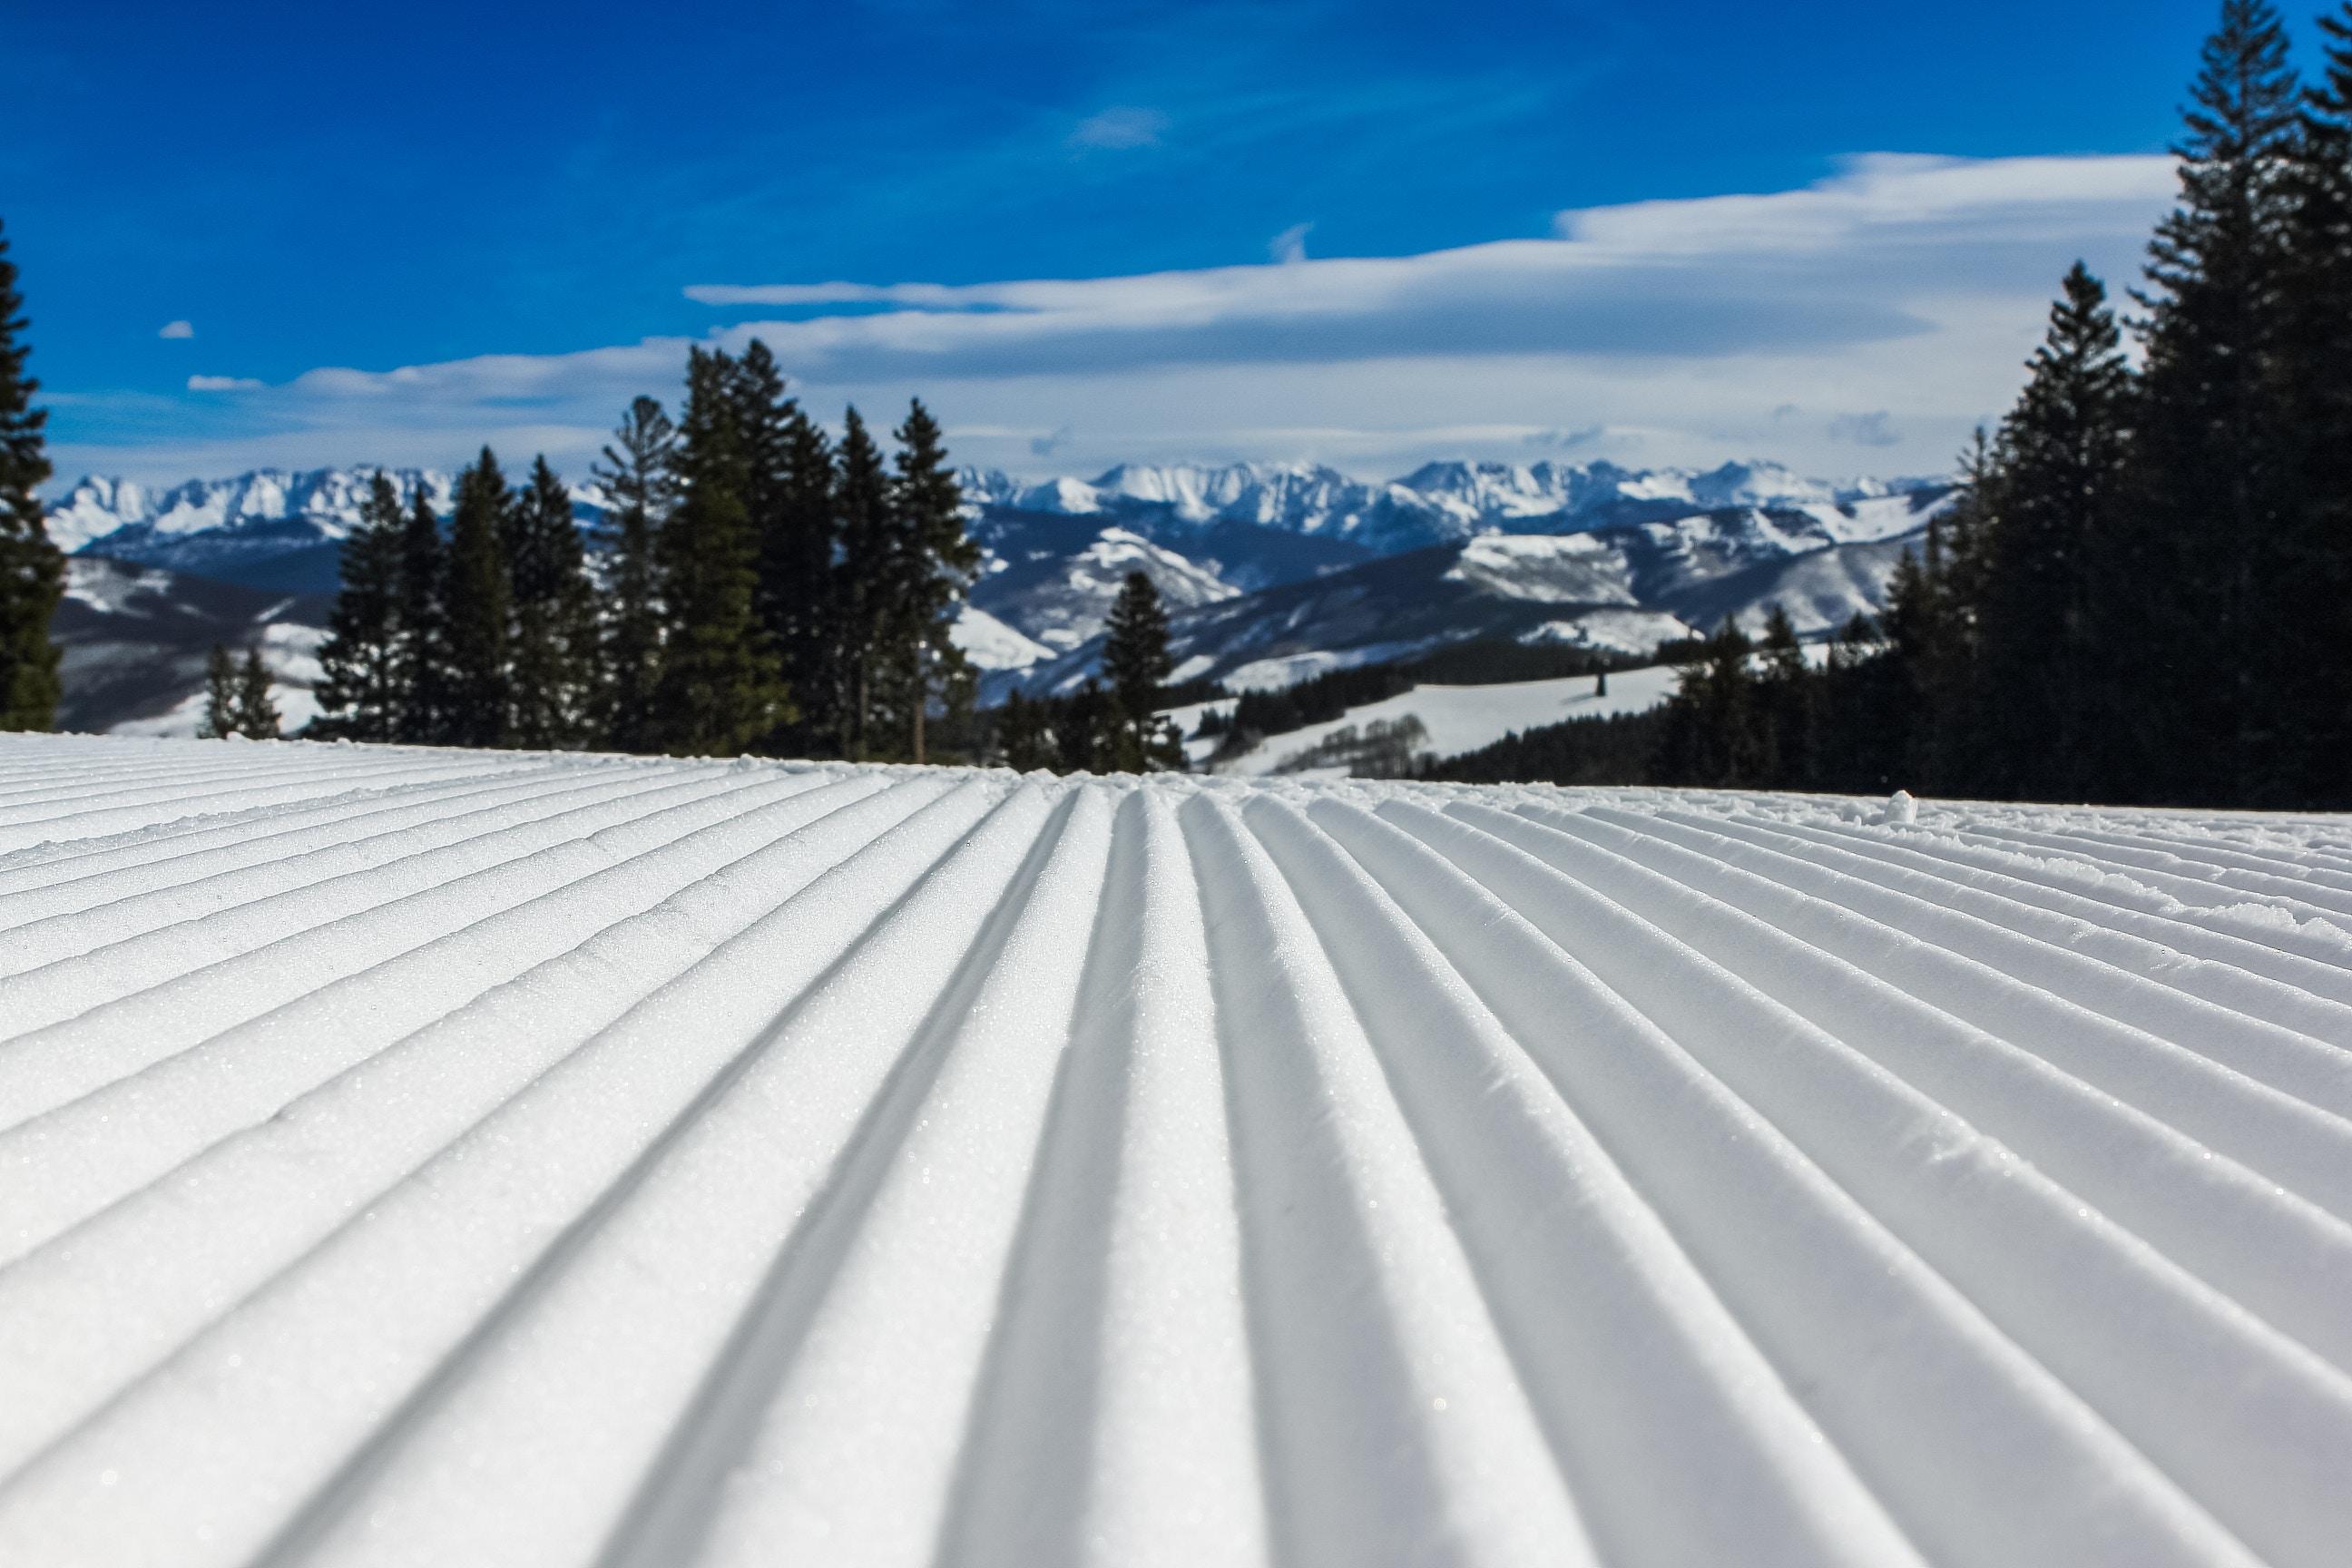 Temporada de esquí 2020-2021: Fechas apertura de pistas en España, Andorra y Francia [actualizadas]